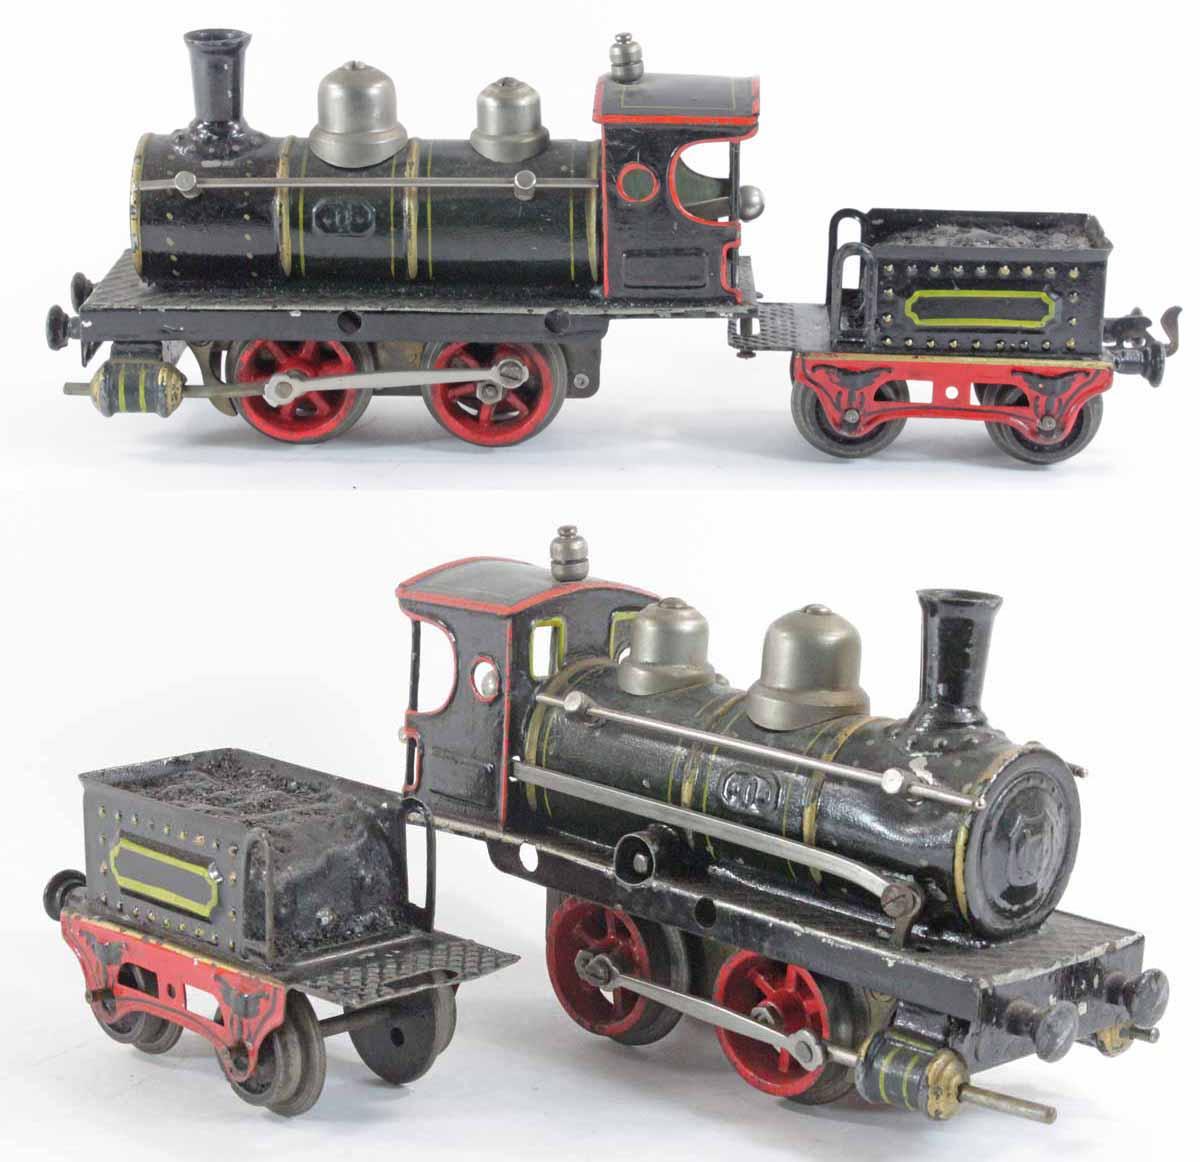 locomotive marklin 020 a frein automatique jouet ancien jouets anciens. Black Bedroom Furniture Sets. Home Design Ideas